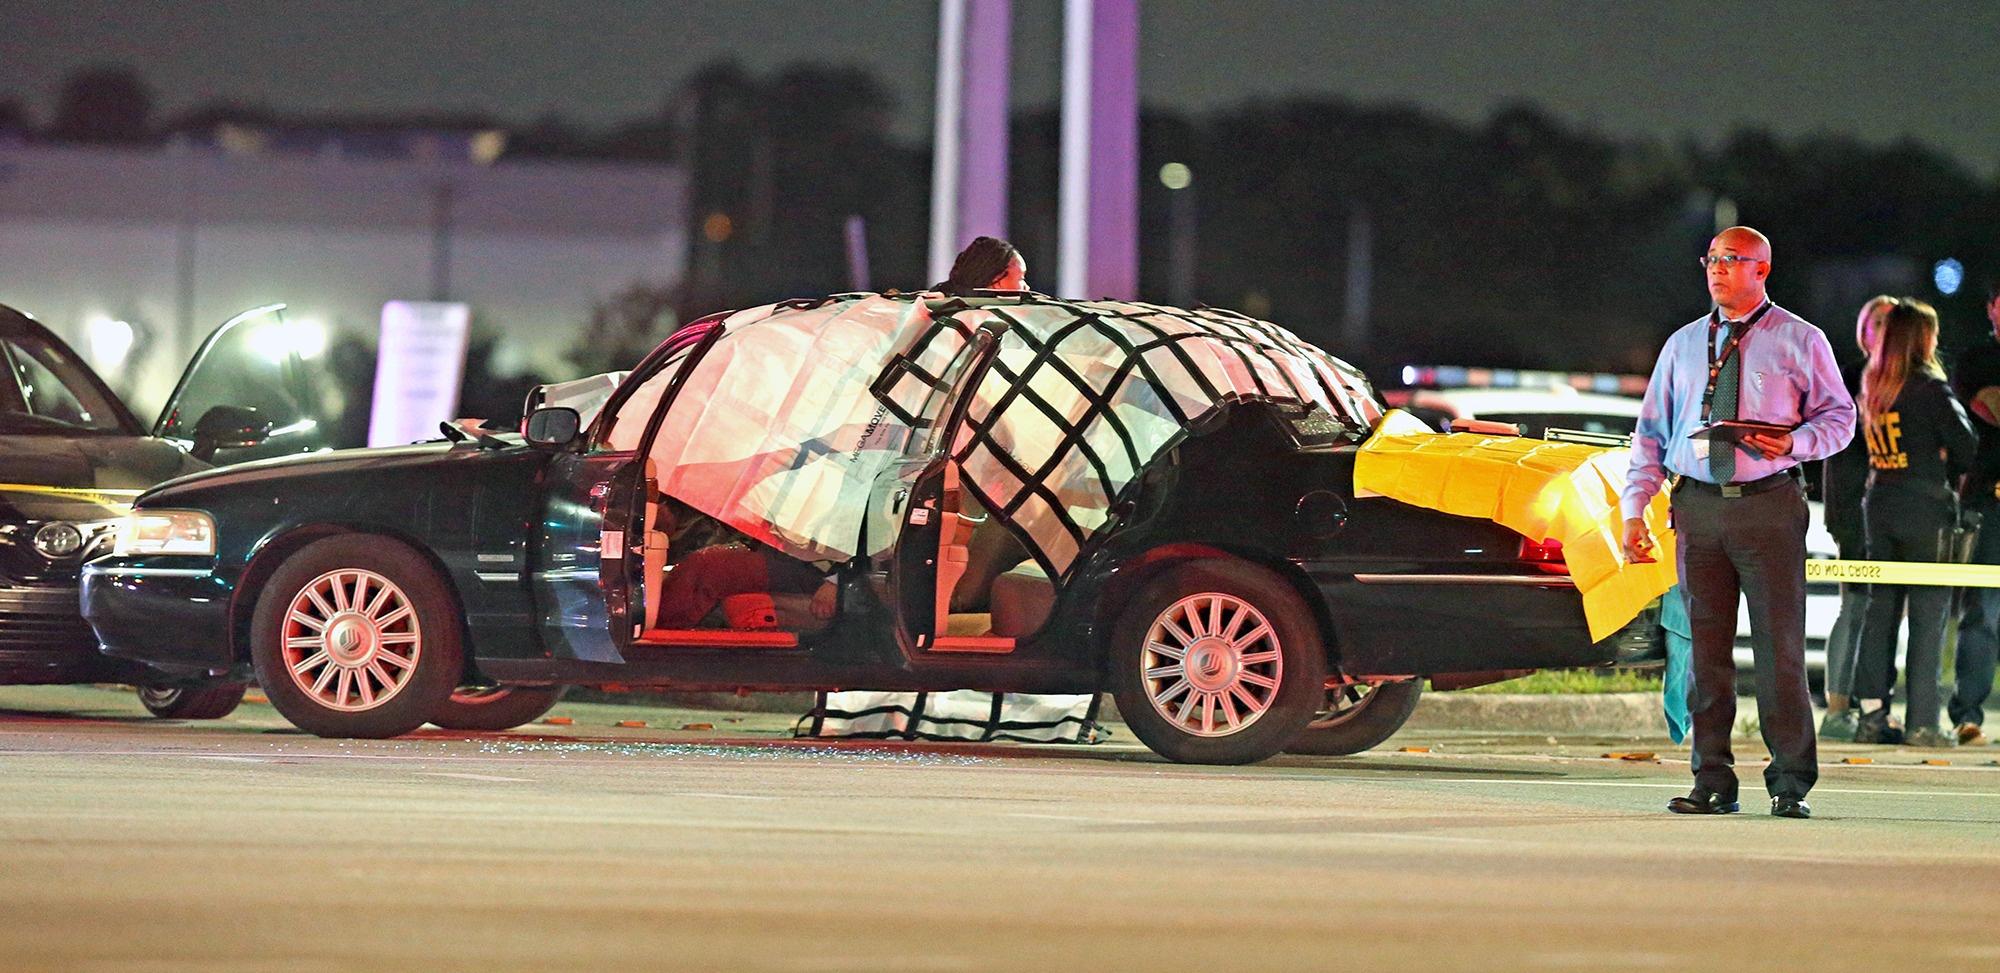 一名乘车经过的路人被子弹击中 图自:社交媒体